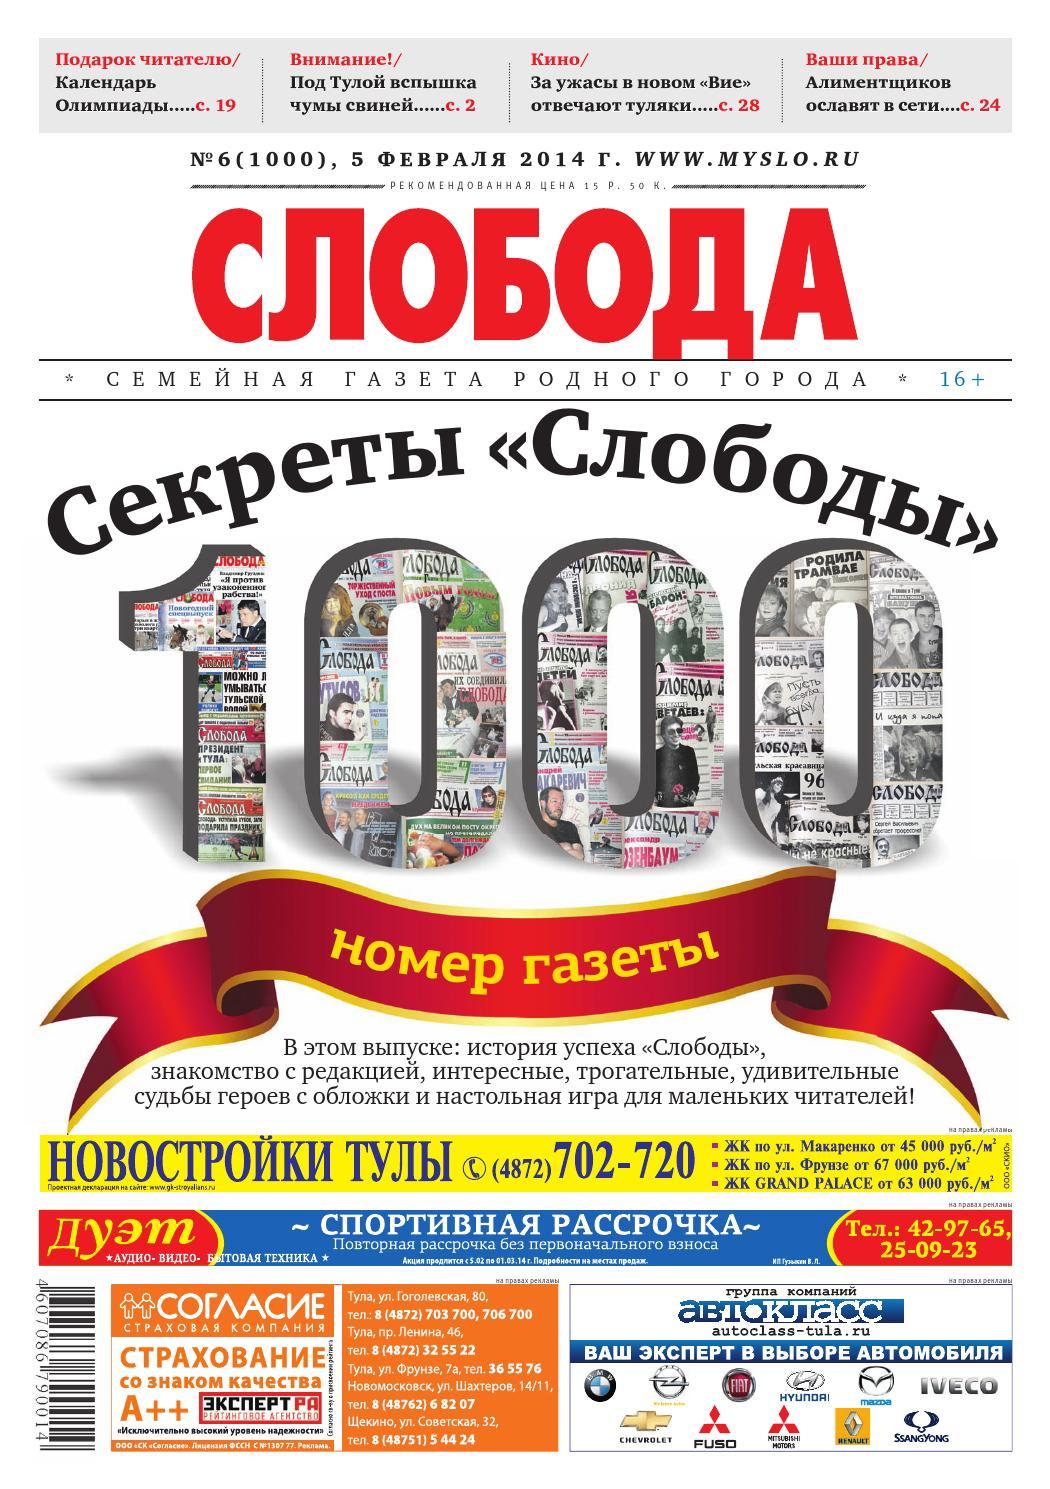 0424079c830d Слобода №6 (1000)  Секреты «Слободы». Тысячный номер газеты by Газета